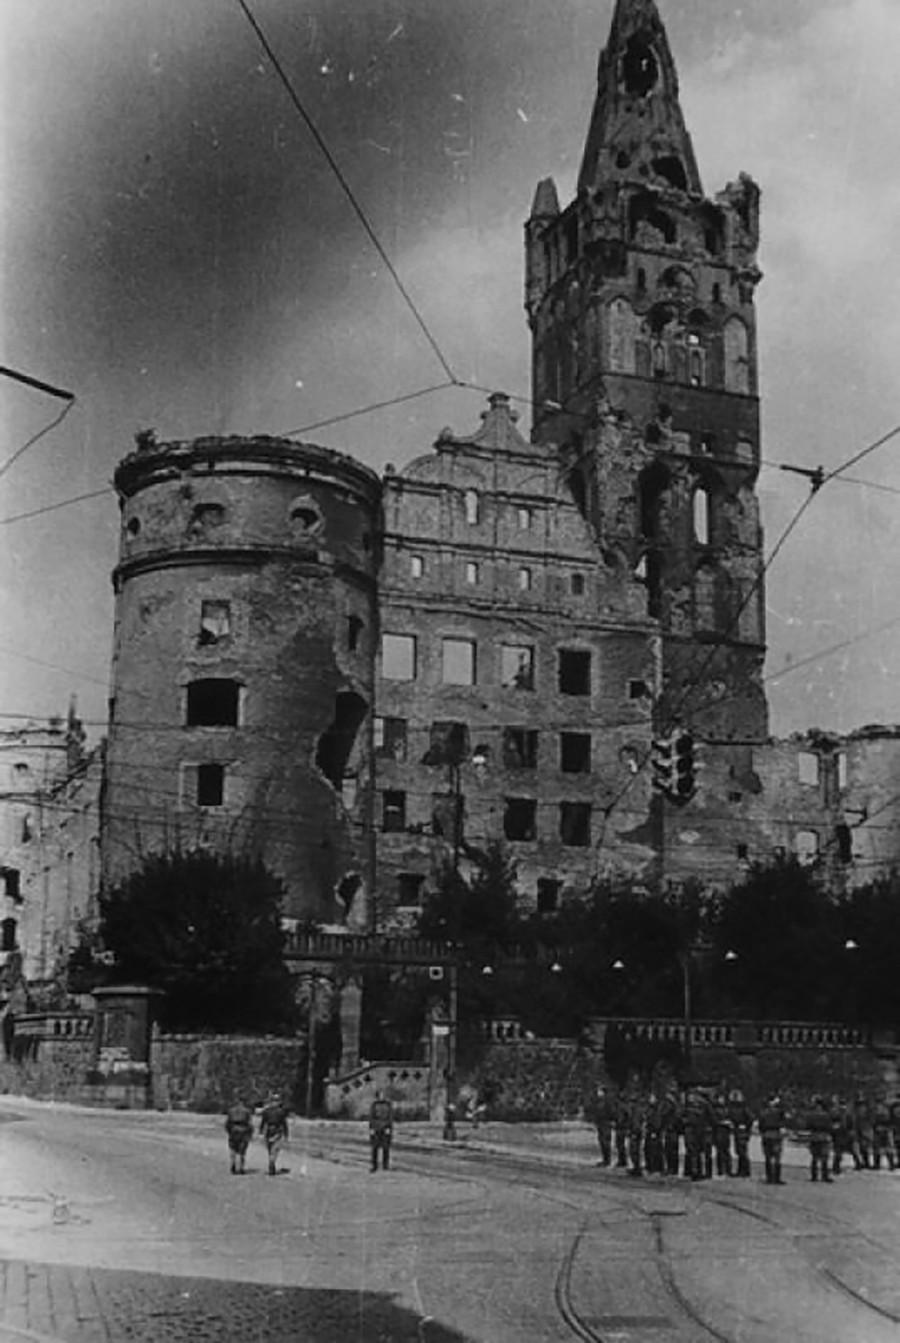 カリーニングラード(旧ケーニヒスベルク)の城跡